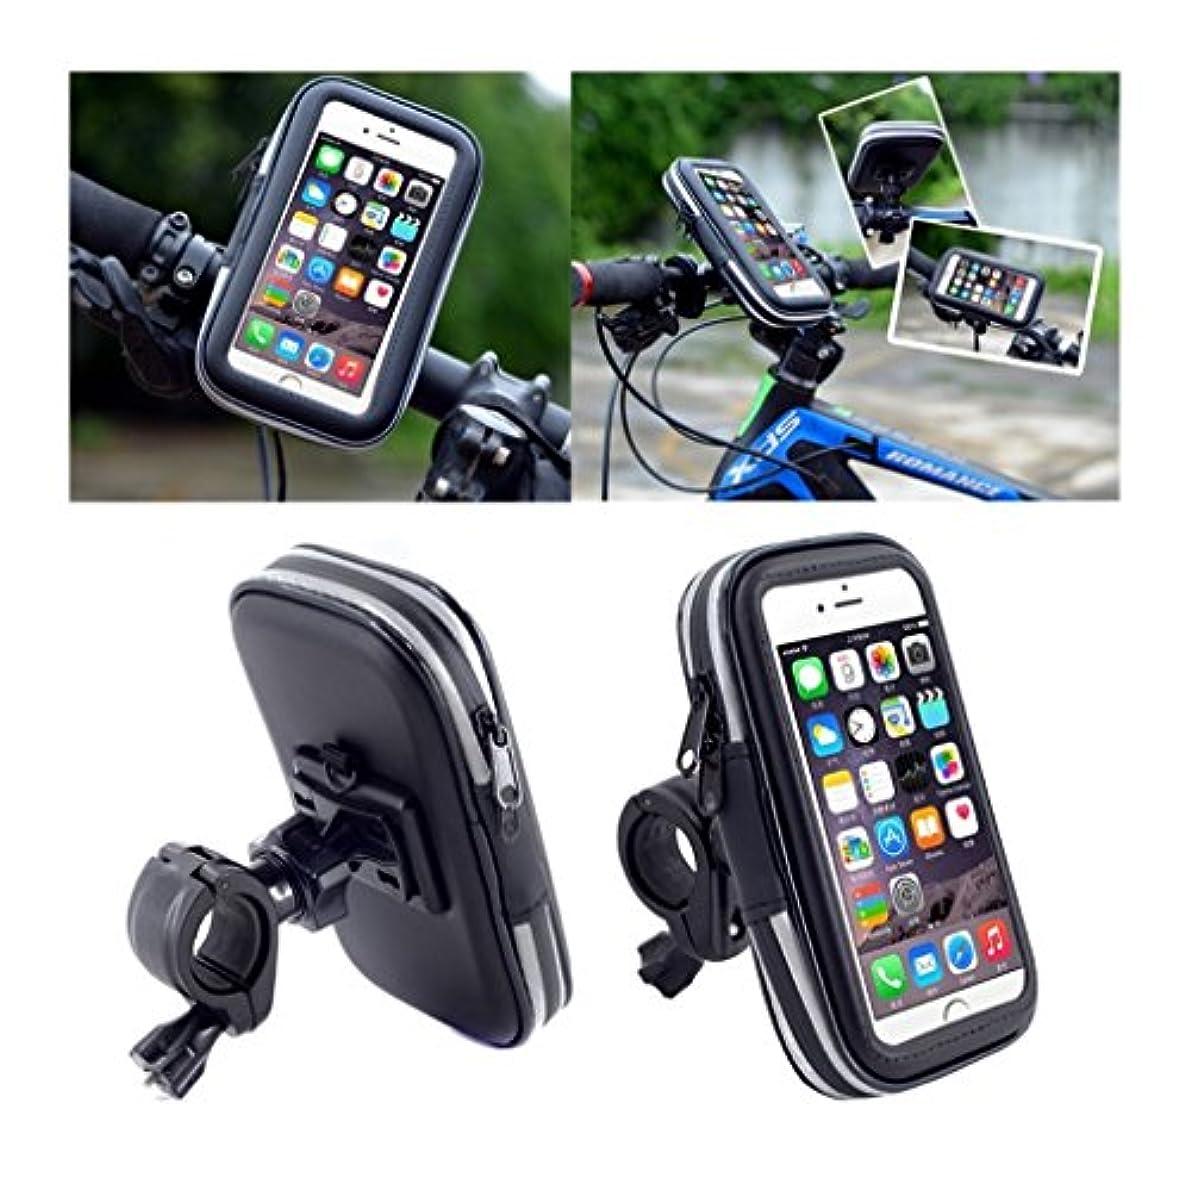 してはいけません動かない可能性DFV mobile - Professional Reflective Support for Bicycle Handlebar and Rotatable Waterproof Motorcycle 360 ? for => IPHONE 5C A1529 > Black